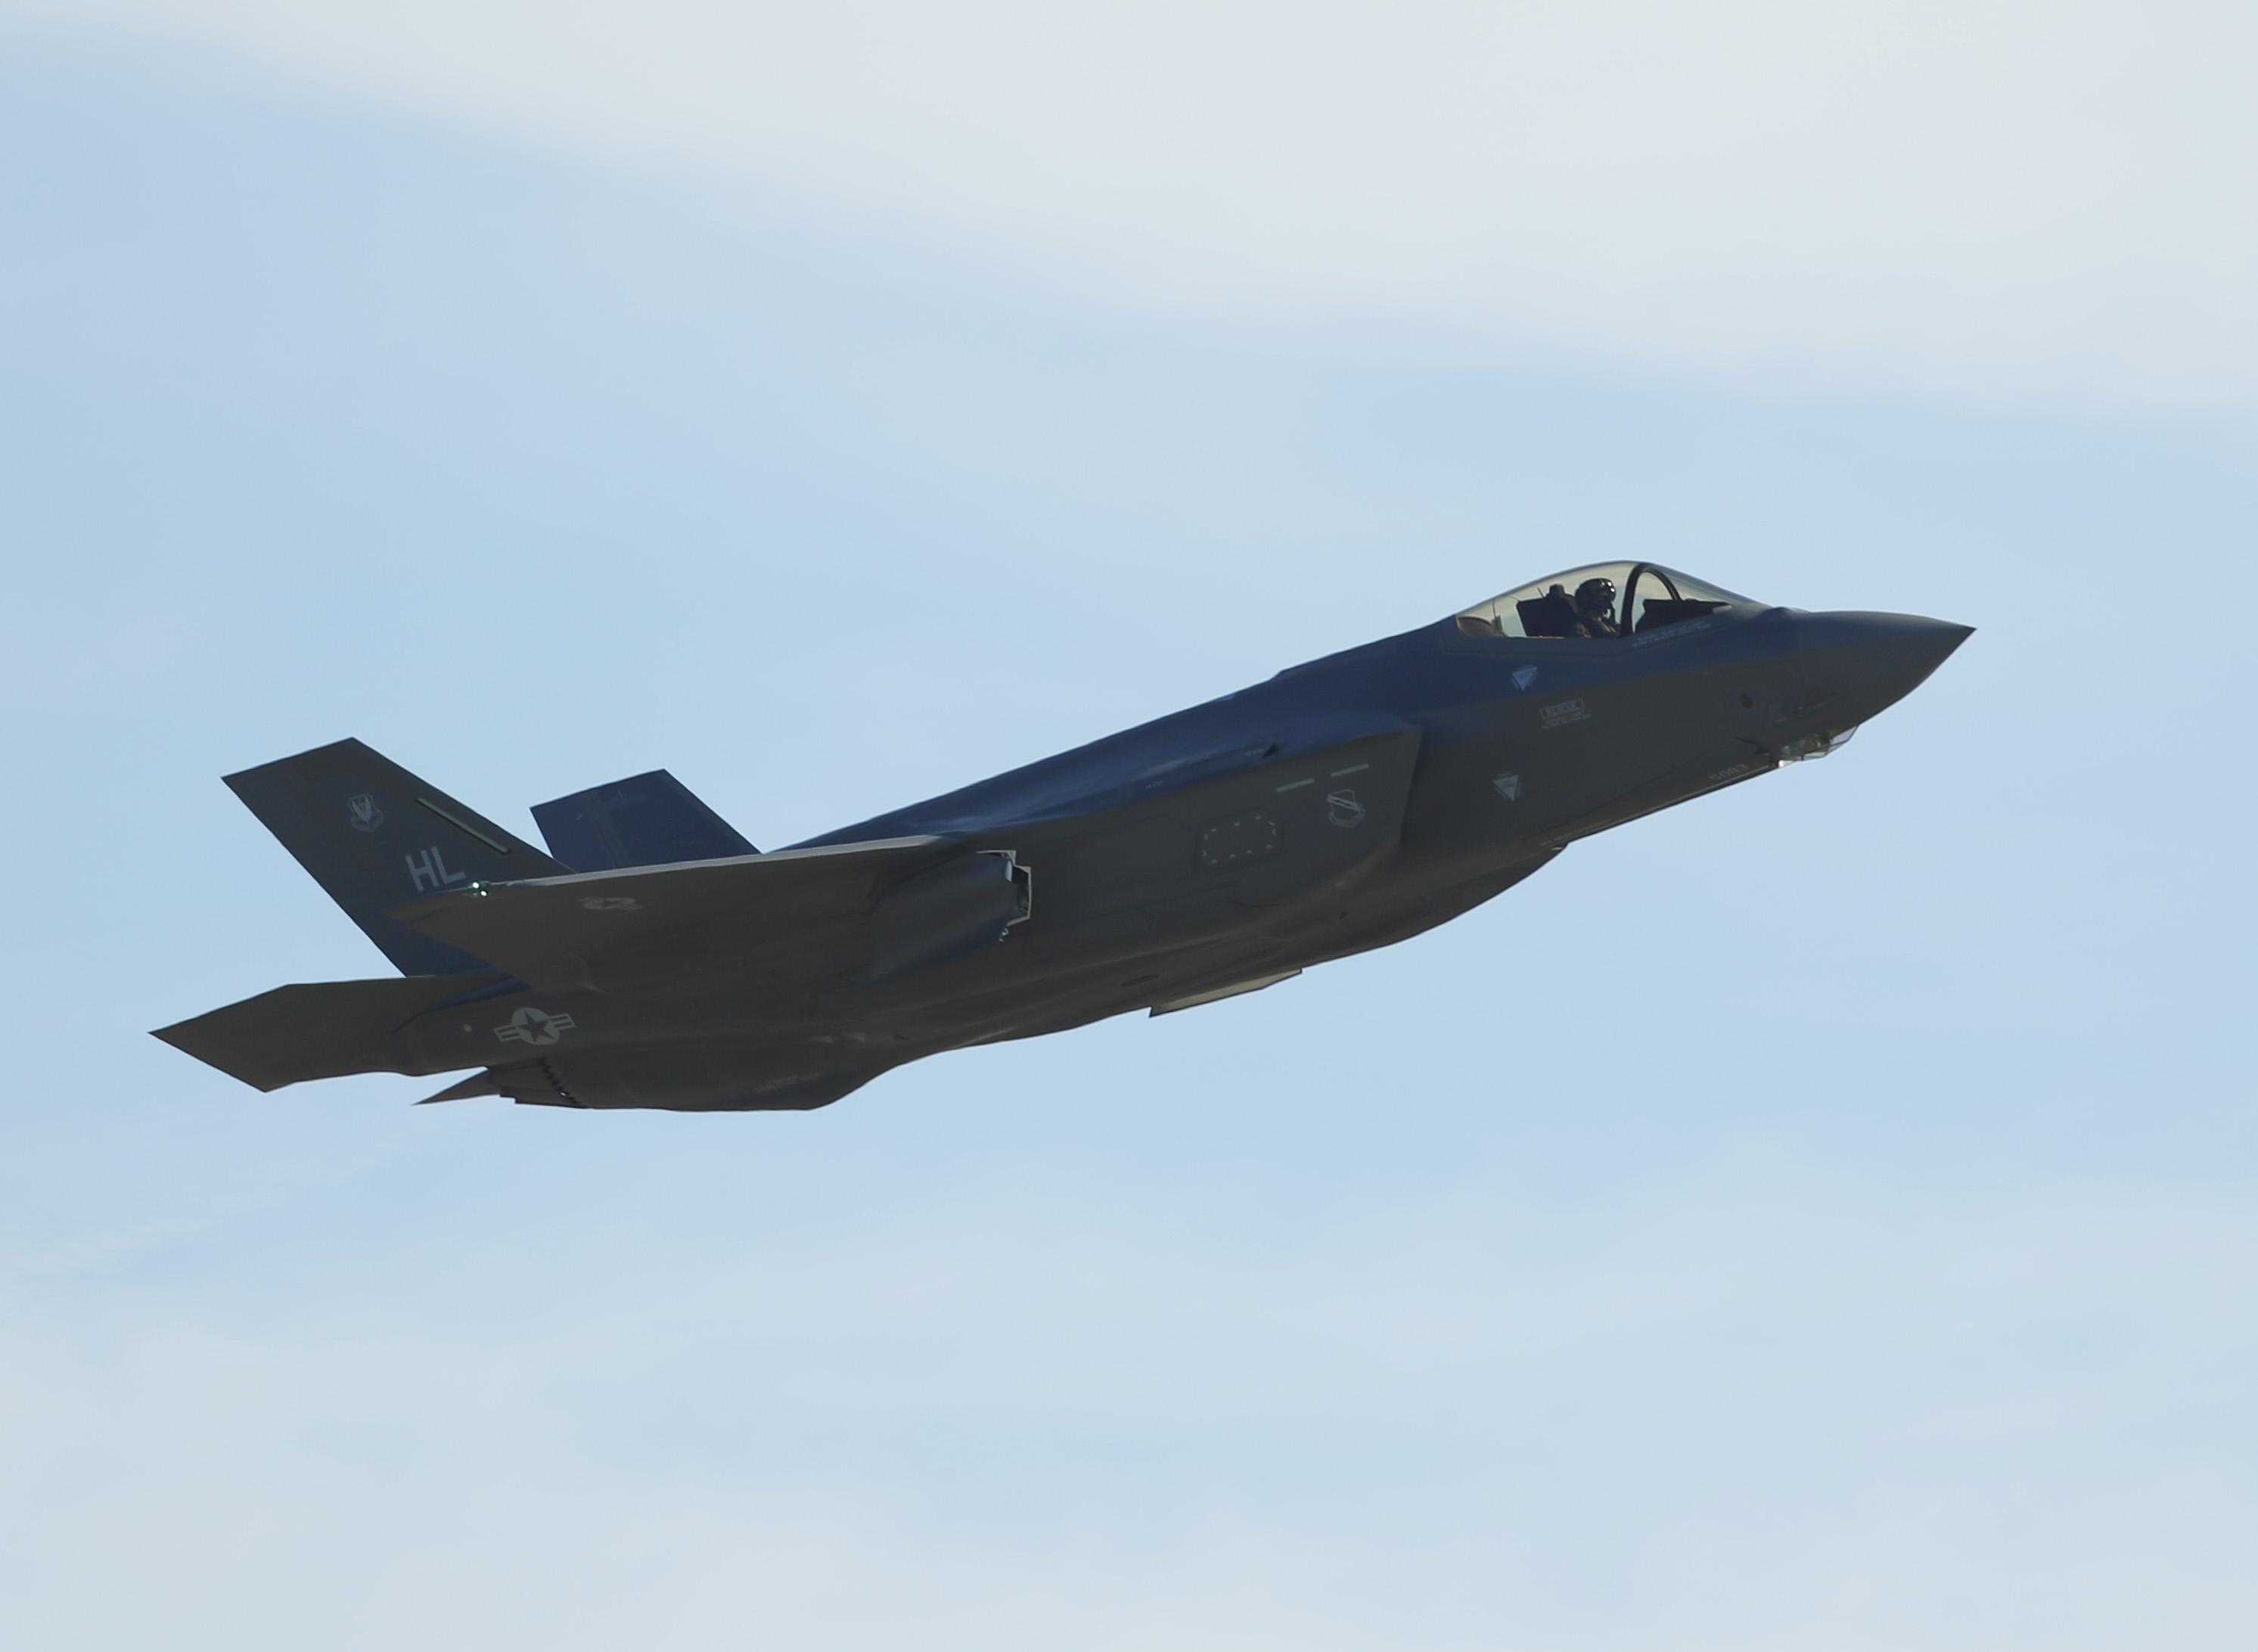 美軍F-35A戰機首次部署中東 扮演領導角色